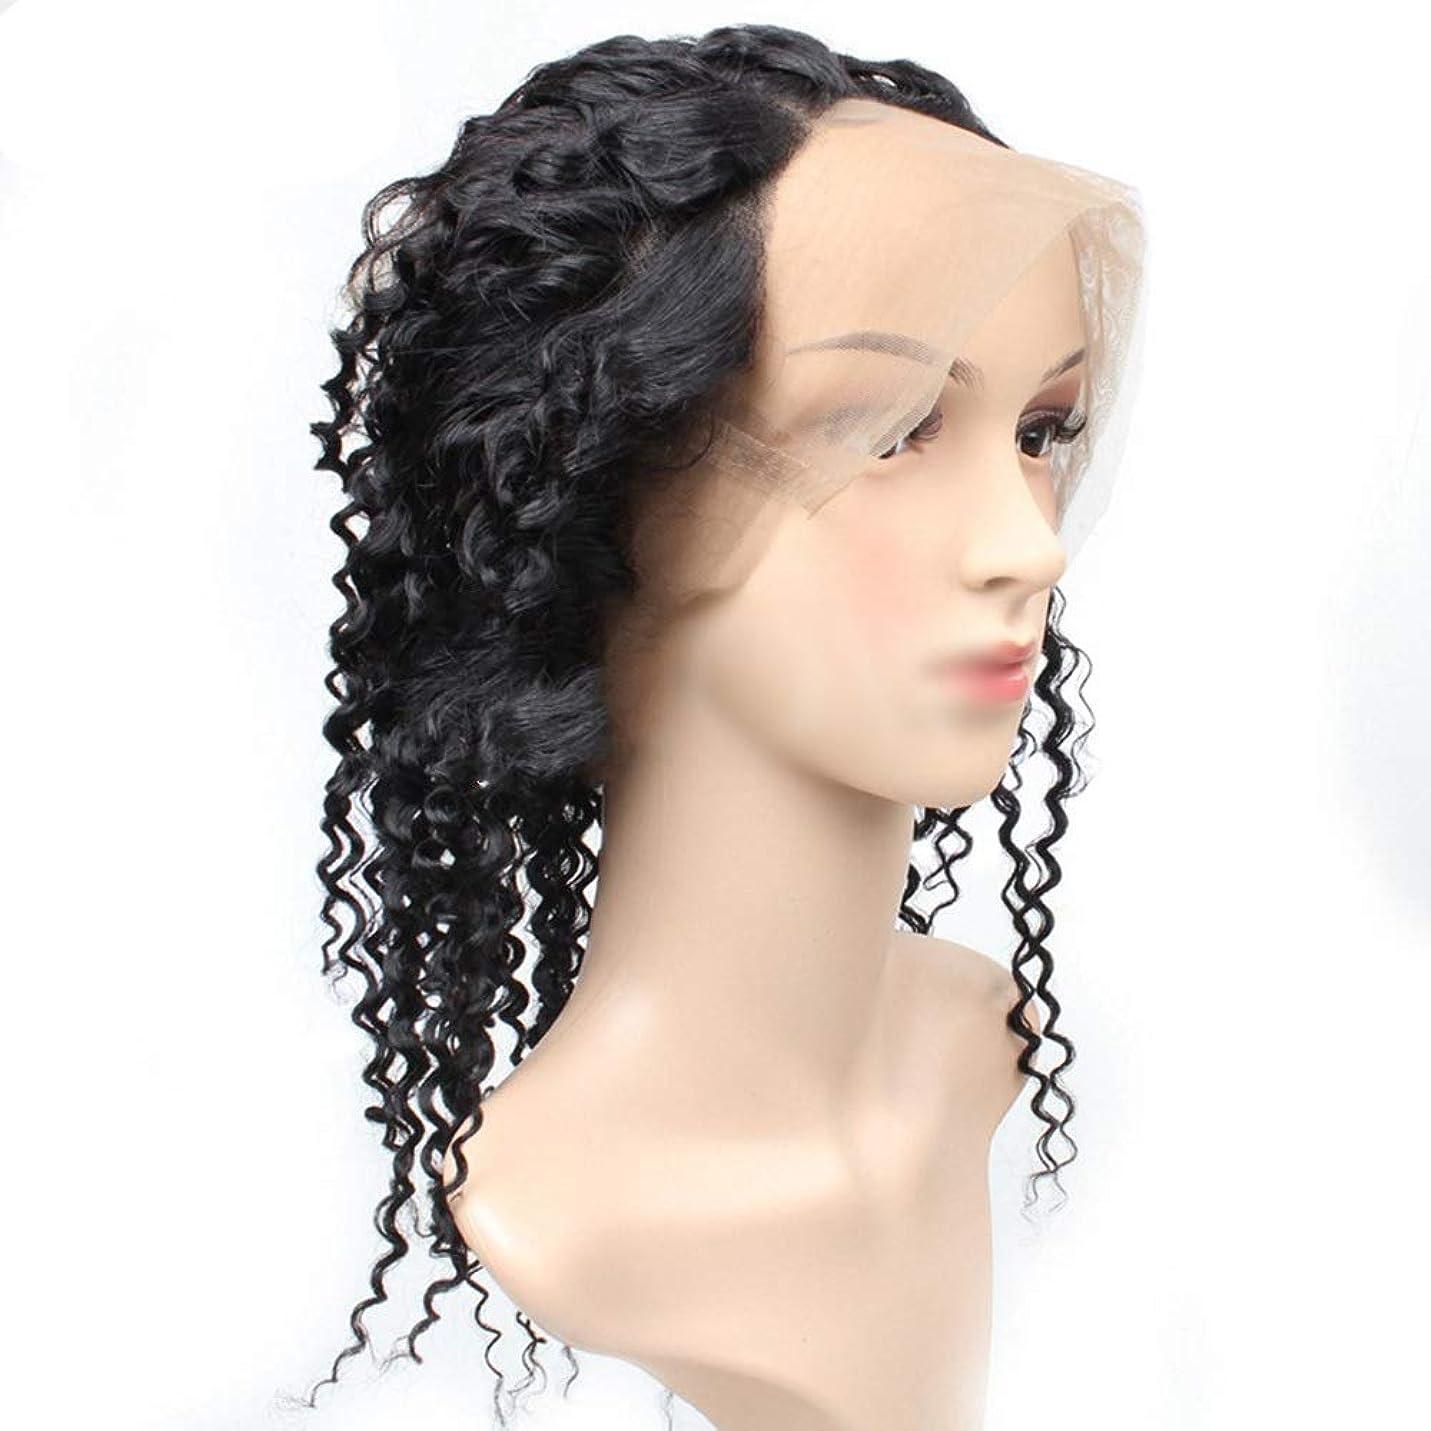 十億北欠員YESONEEP 360レース前頭閉鎖変態カーリーヘアーフルレース人毛ナチュラルカラー髪の織り横糸(8 '' - 22 ''、100g /個)合成髪レースかつらロールプレイングウィッグロング&ショート女性自然 (色 : 黒, サイズ : 16 inch)